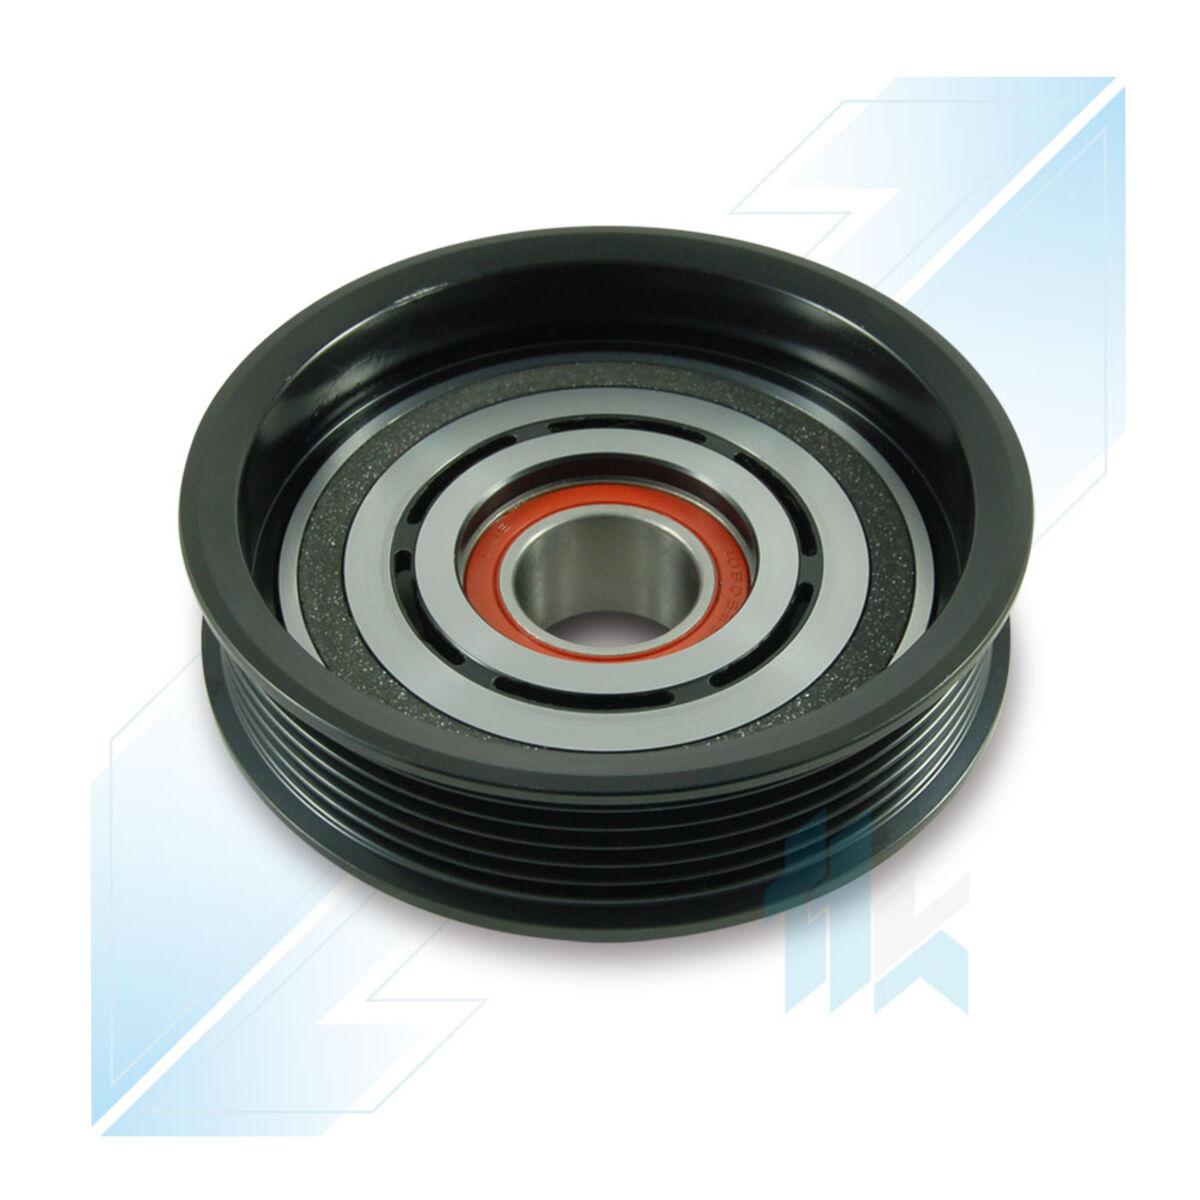 A//C Compressor Pulley for Hyundai Tucson JM KIA Sportage JE 2.7 2004-976432E300